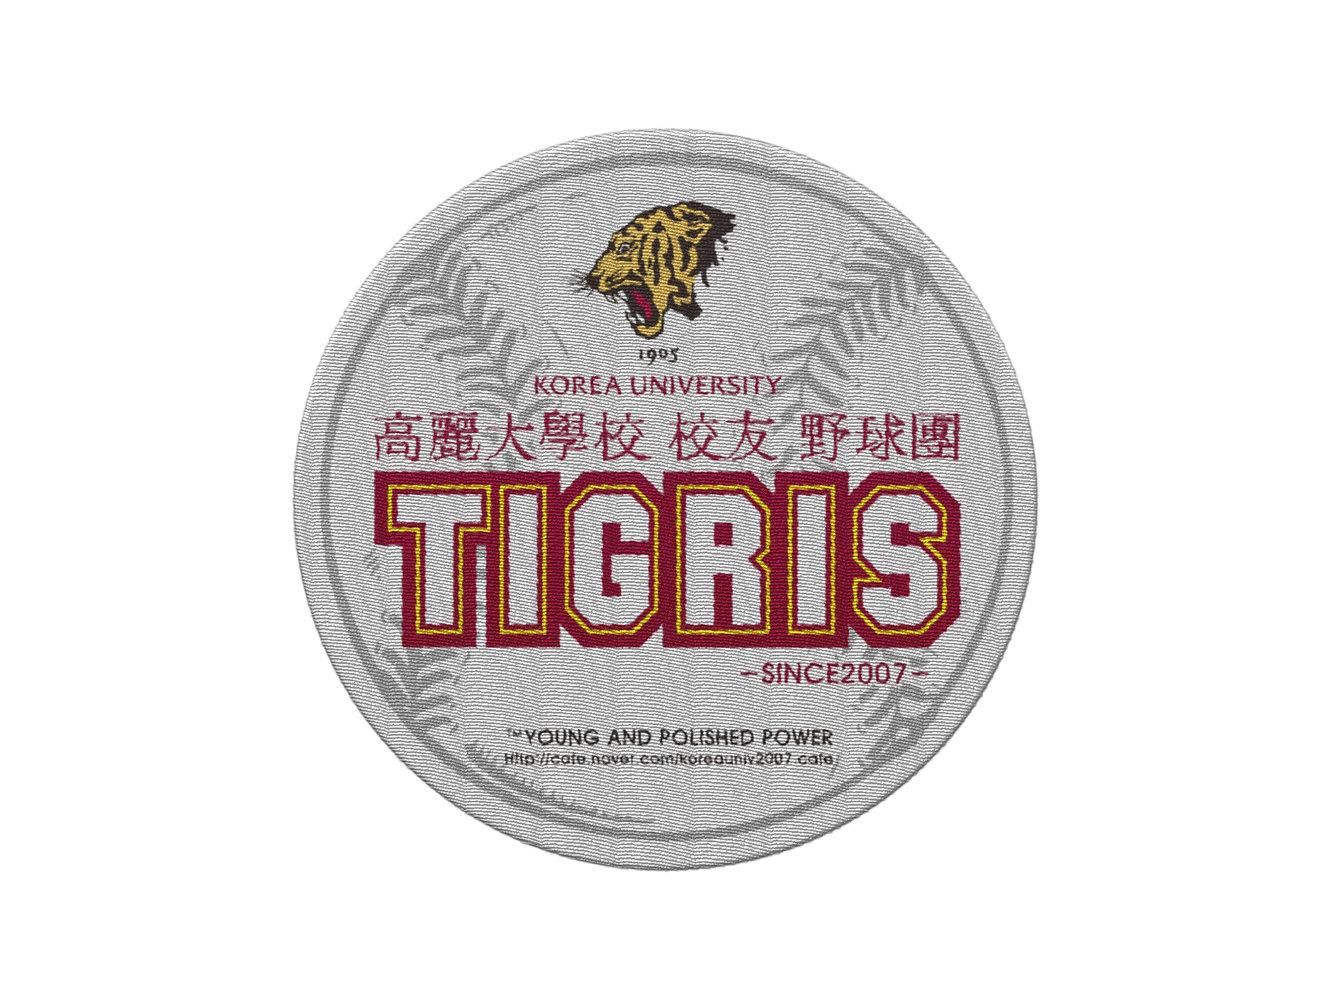 TIGRIS-Emblem Design